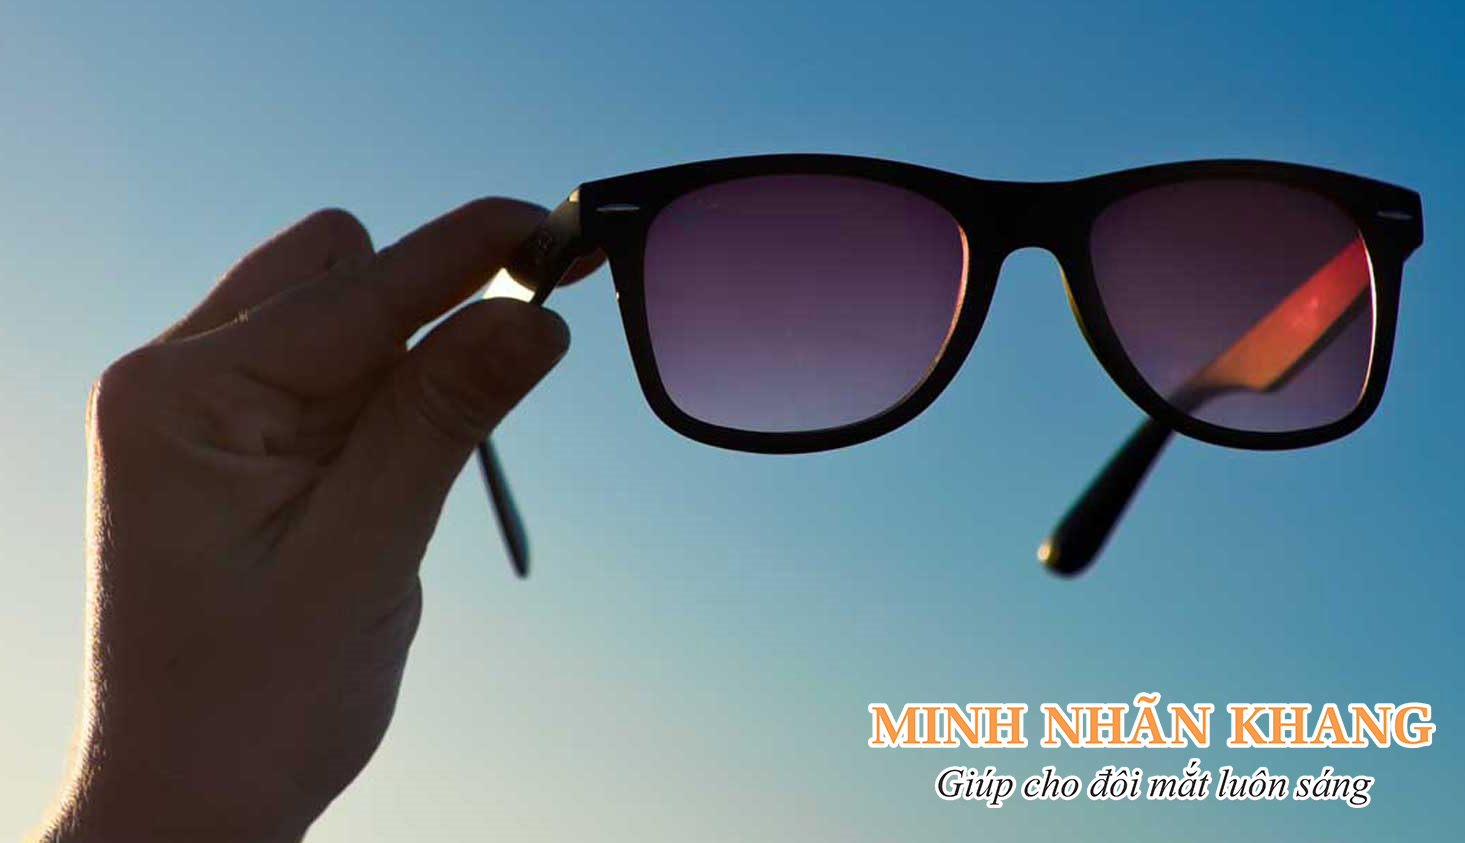 Đeo kính giúp bảo vệ mắt tránh tổn thương bởi ánh nắng hay ánh sáng mạnh